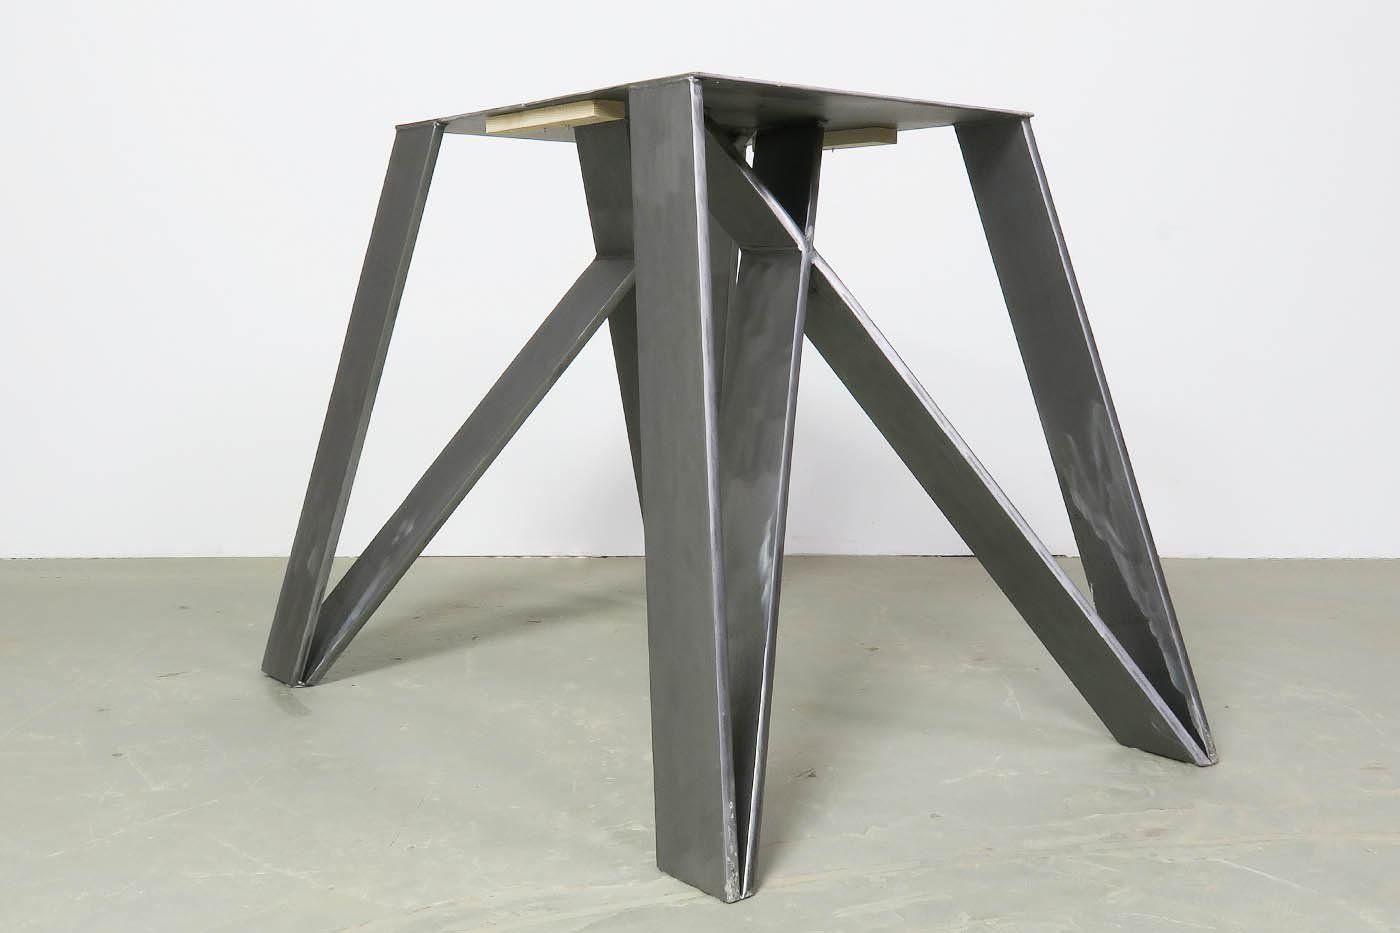 Tischgestell Eisen Imatra 2er Set In 2020 Tischgestell